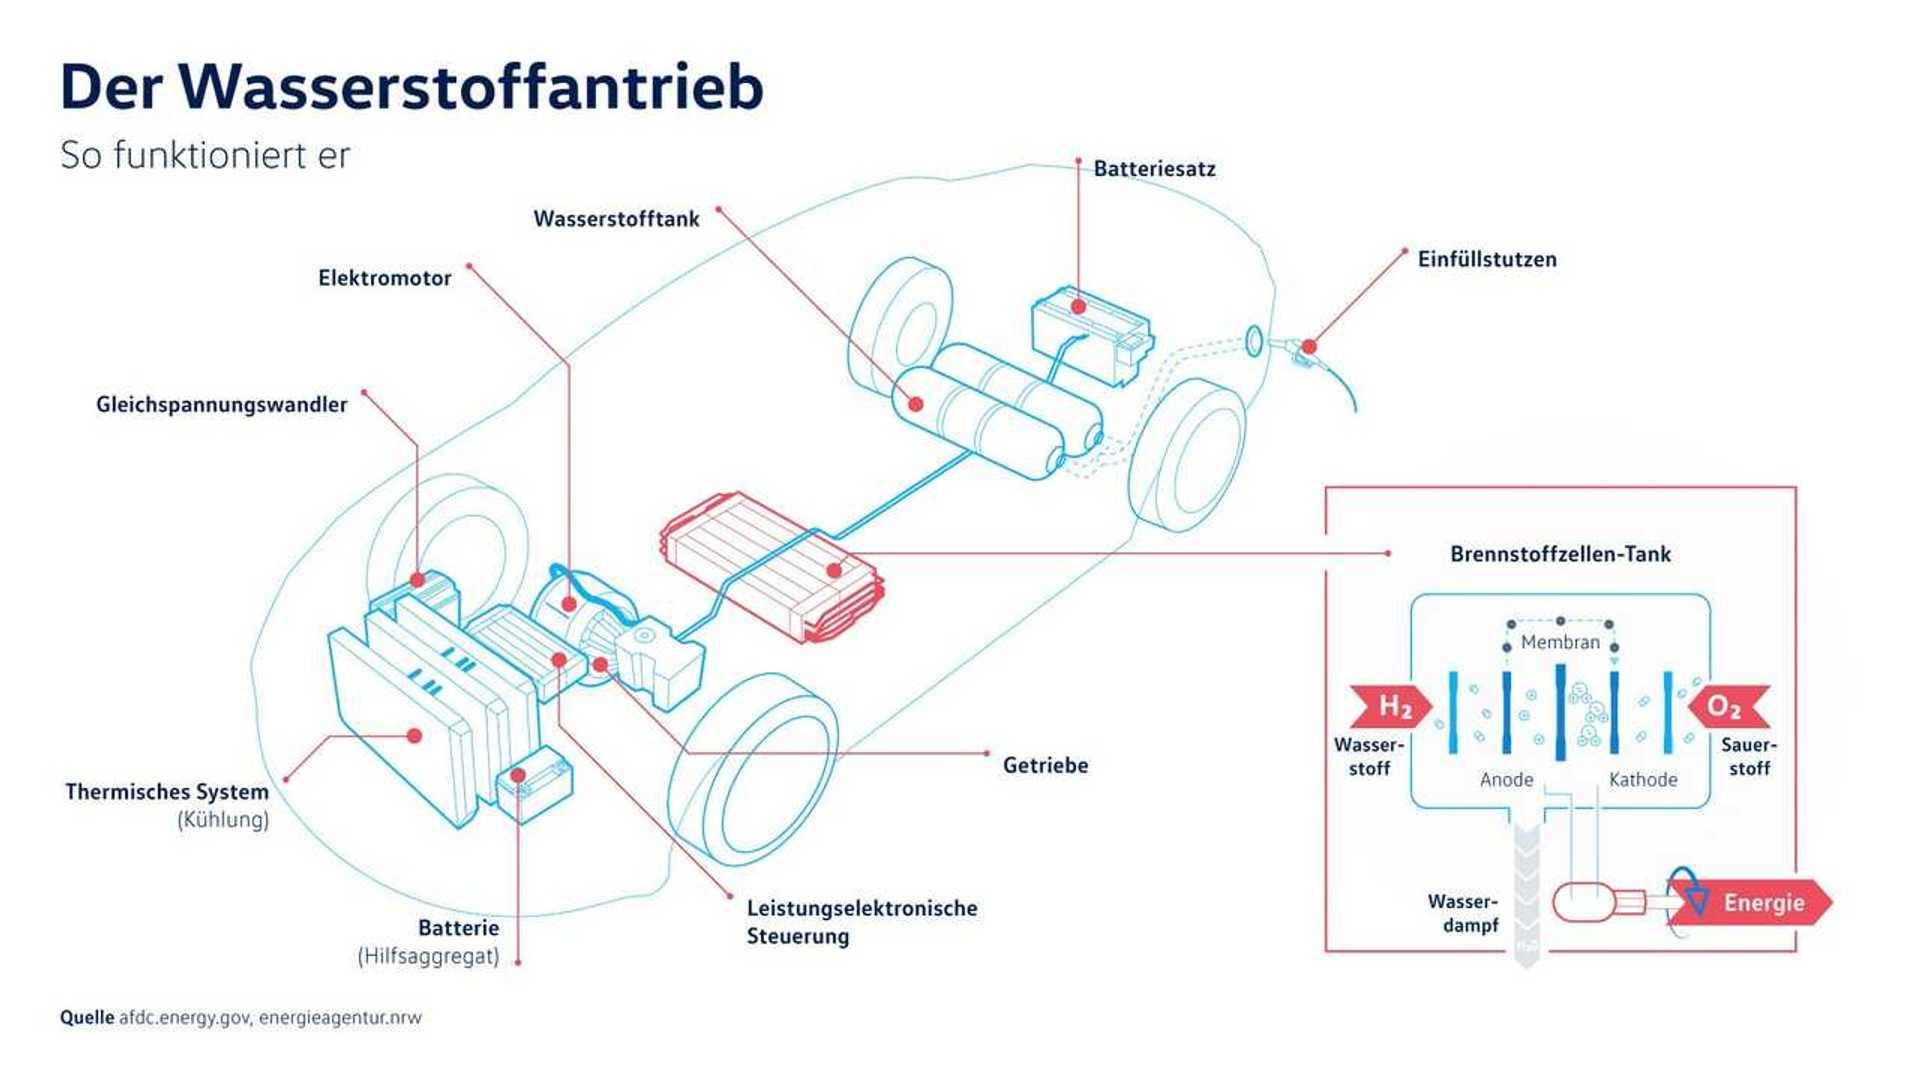 VW: Elektroautos sind viel effizienter als Wasserstoff-Fahrzeuge